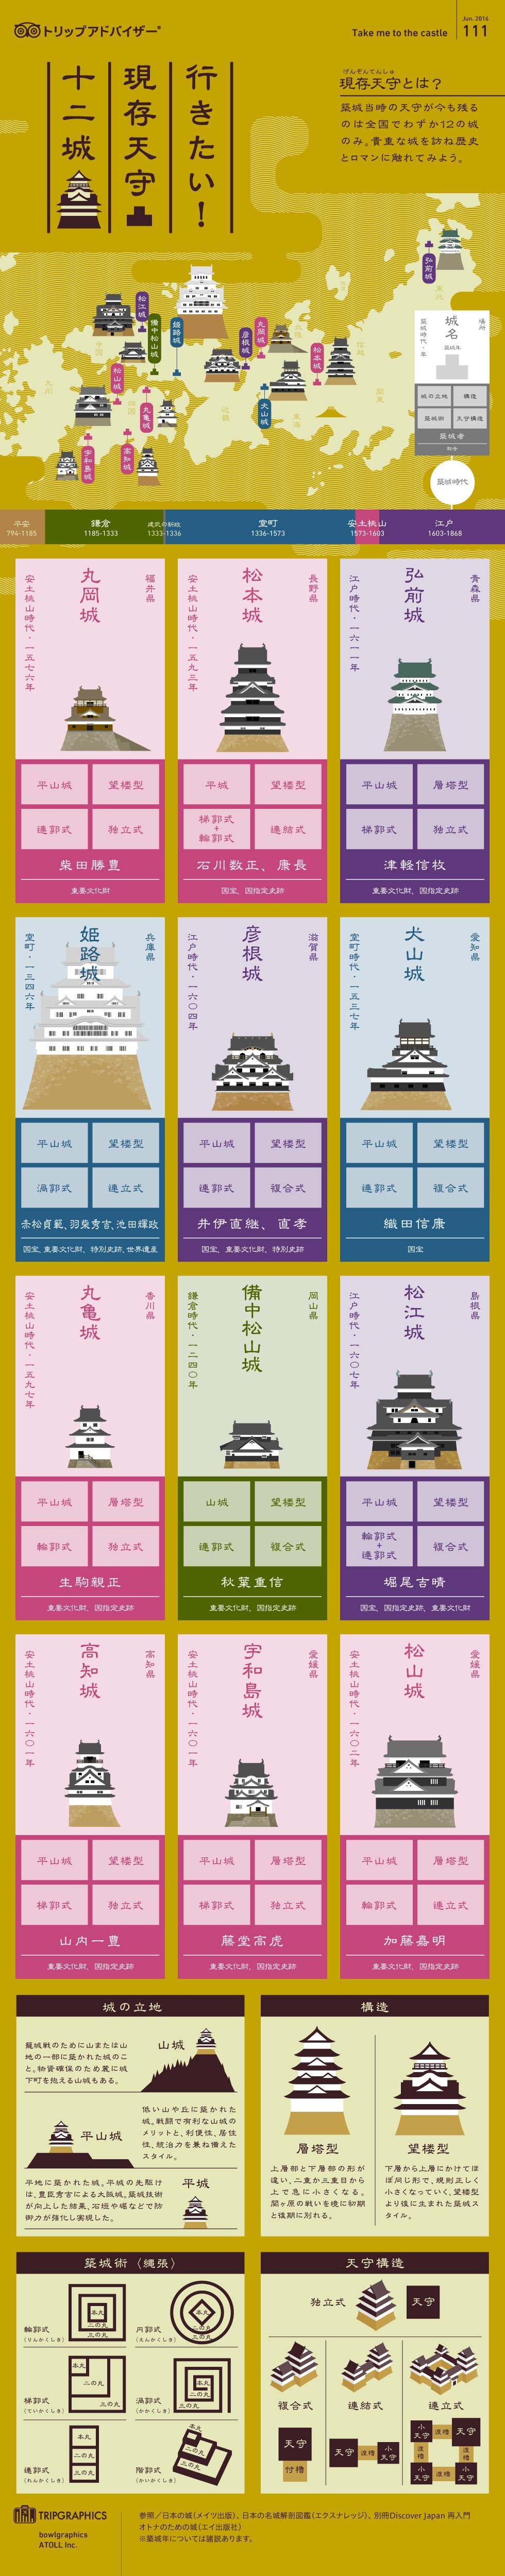 インフォグラフィック:現存の天守閣12城。国宝5城/重要文化財7城